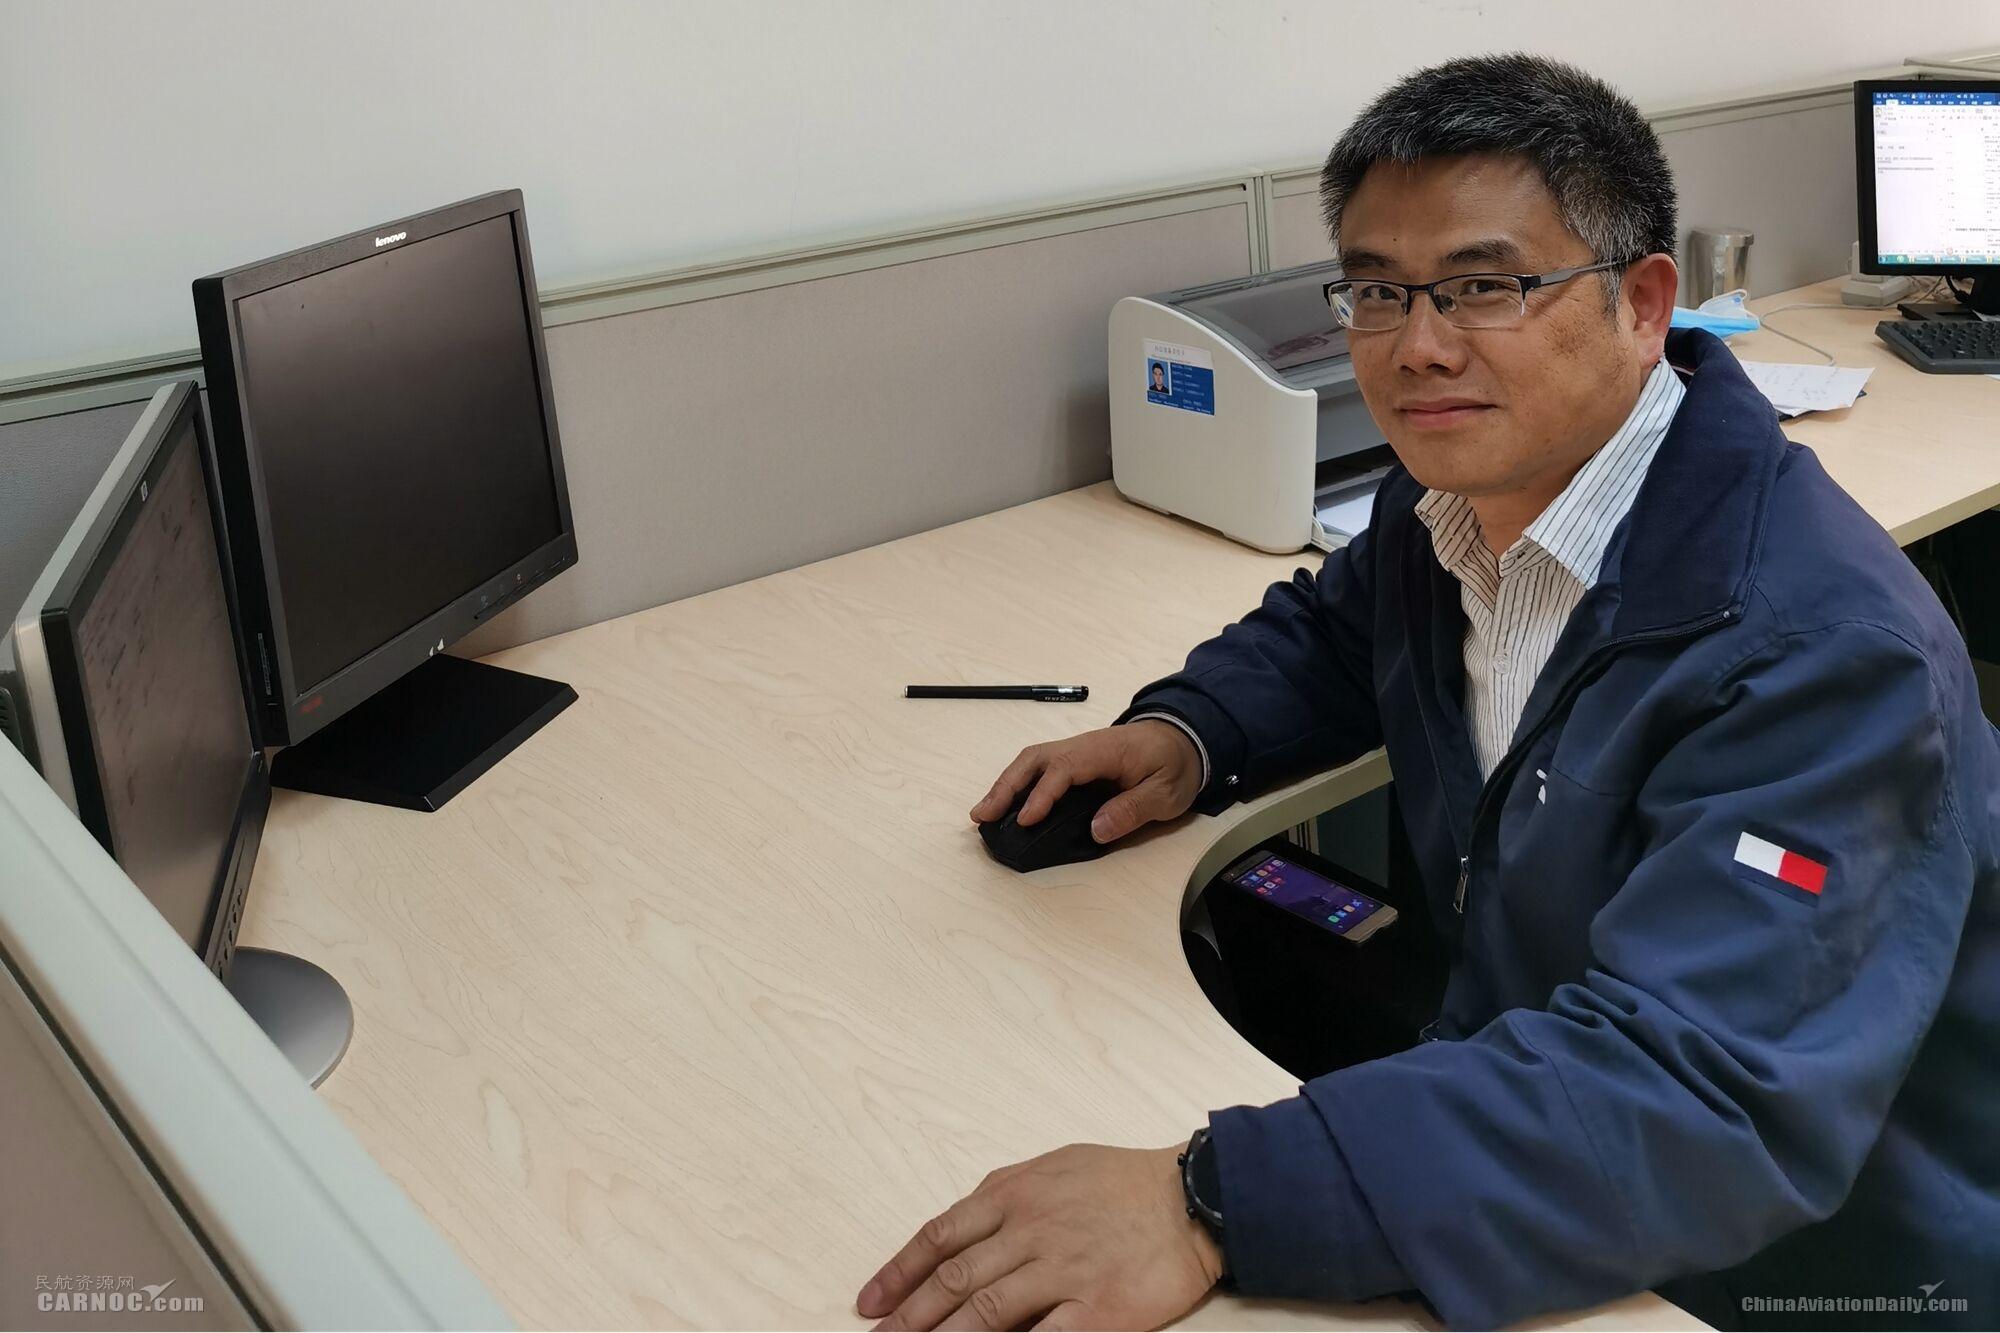 东航技术云南分公司穆建红:心静即声淡,其间无古今